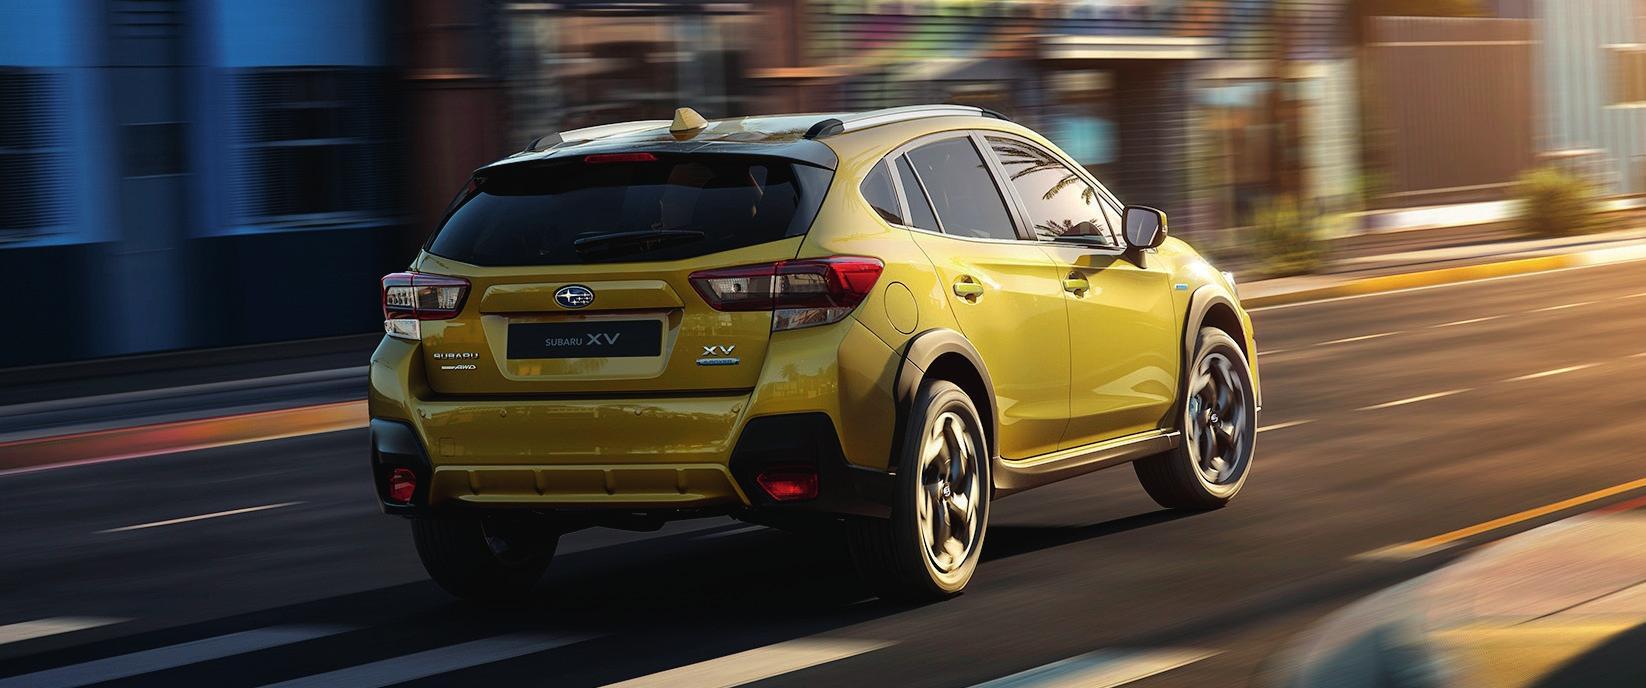 """Bessere Traktion und neuer Farbton """"Plasma Yellow Pearl"""". Fotos: Subaru"""